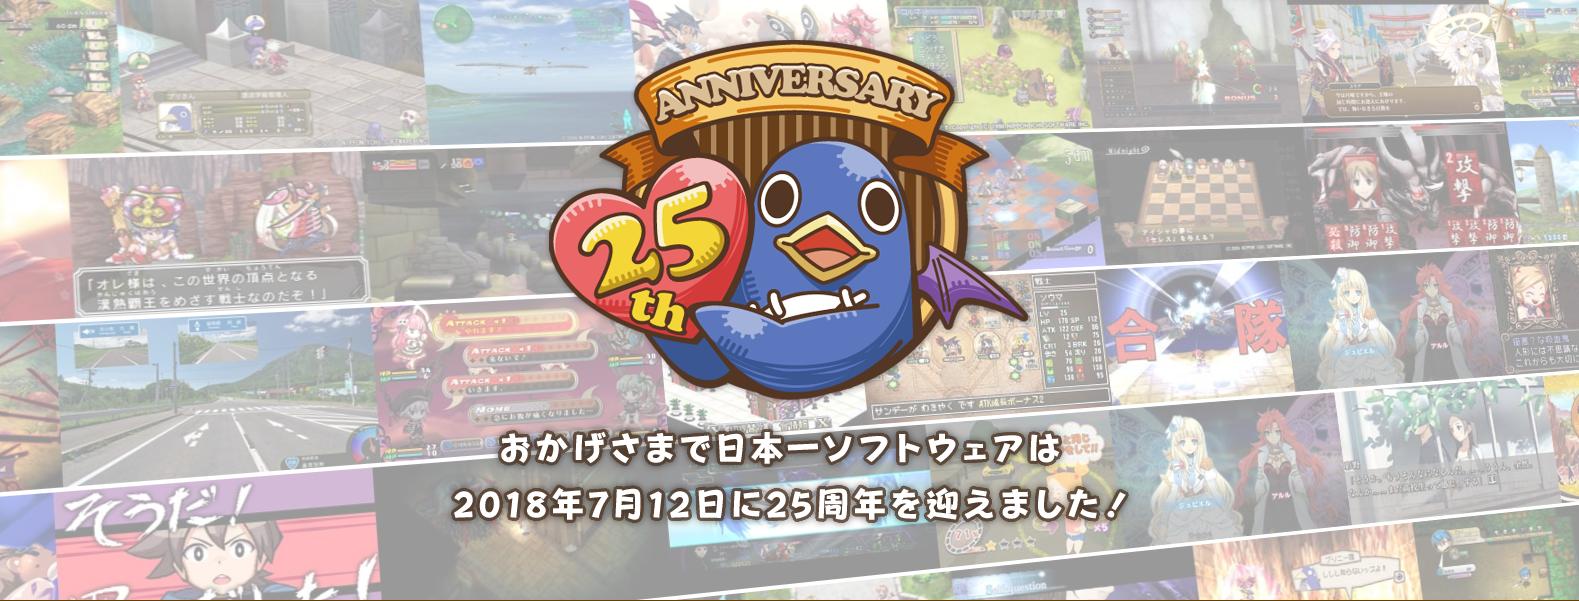 【日本一成立25周年终幕活动】于昨日落幕